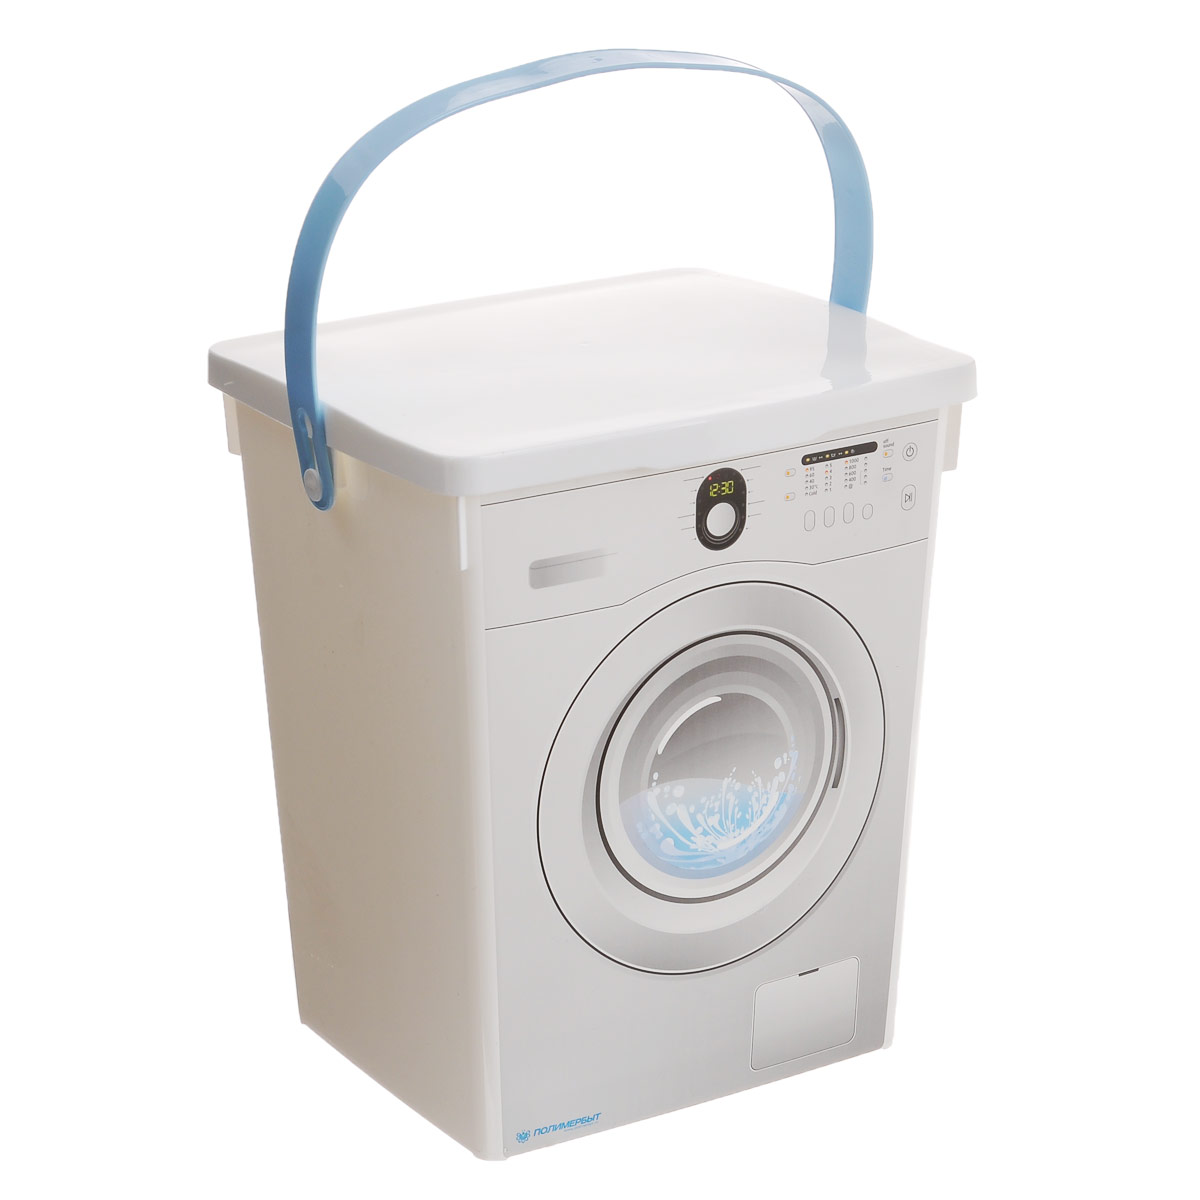 Контейнер для стирального порошка Полимербыт, 5 л25051 7_желтыйКонтейнер для стирального порошка Полимербыт изготовлен из высококачественного пластика.Сверху он закрывается надежной откидной крышкой. Контейнер очень вместителен и не позволит просочиться влаге. Декорирован принтом в виде стиральной машины. Для удобства переноски изделие снабжено прочной ручкой.Объем контейнера: 5 л.